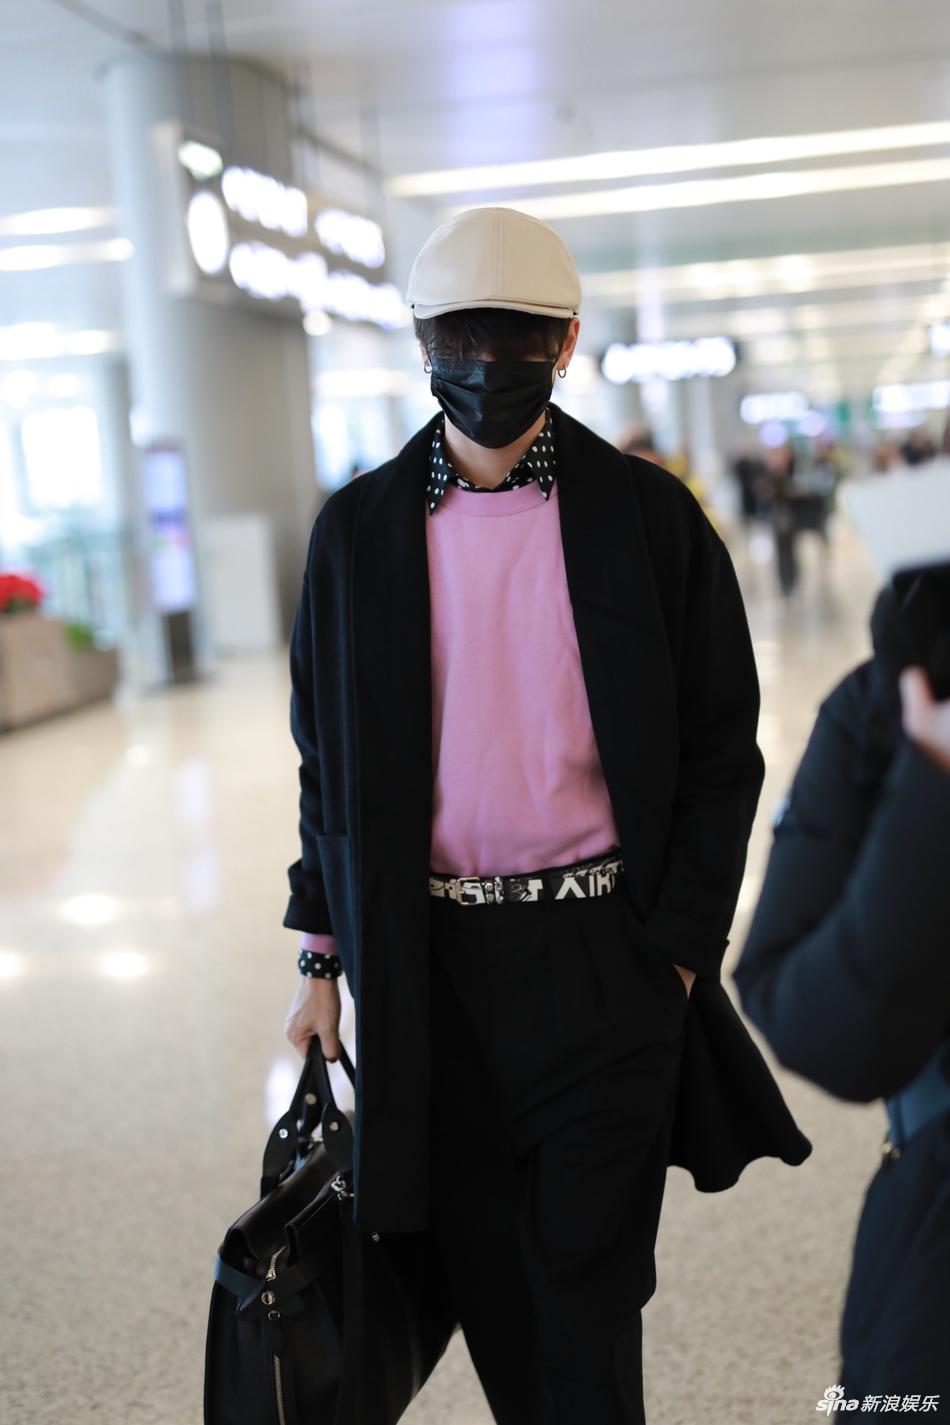 林彦俊口罩遮脸现身机场 单手拎包疾走粉色内搭抢眼